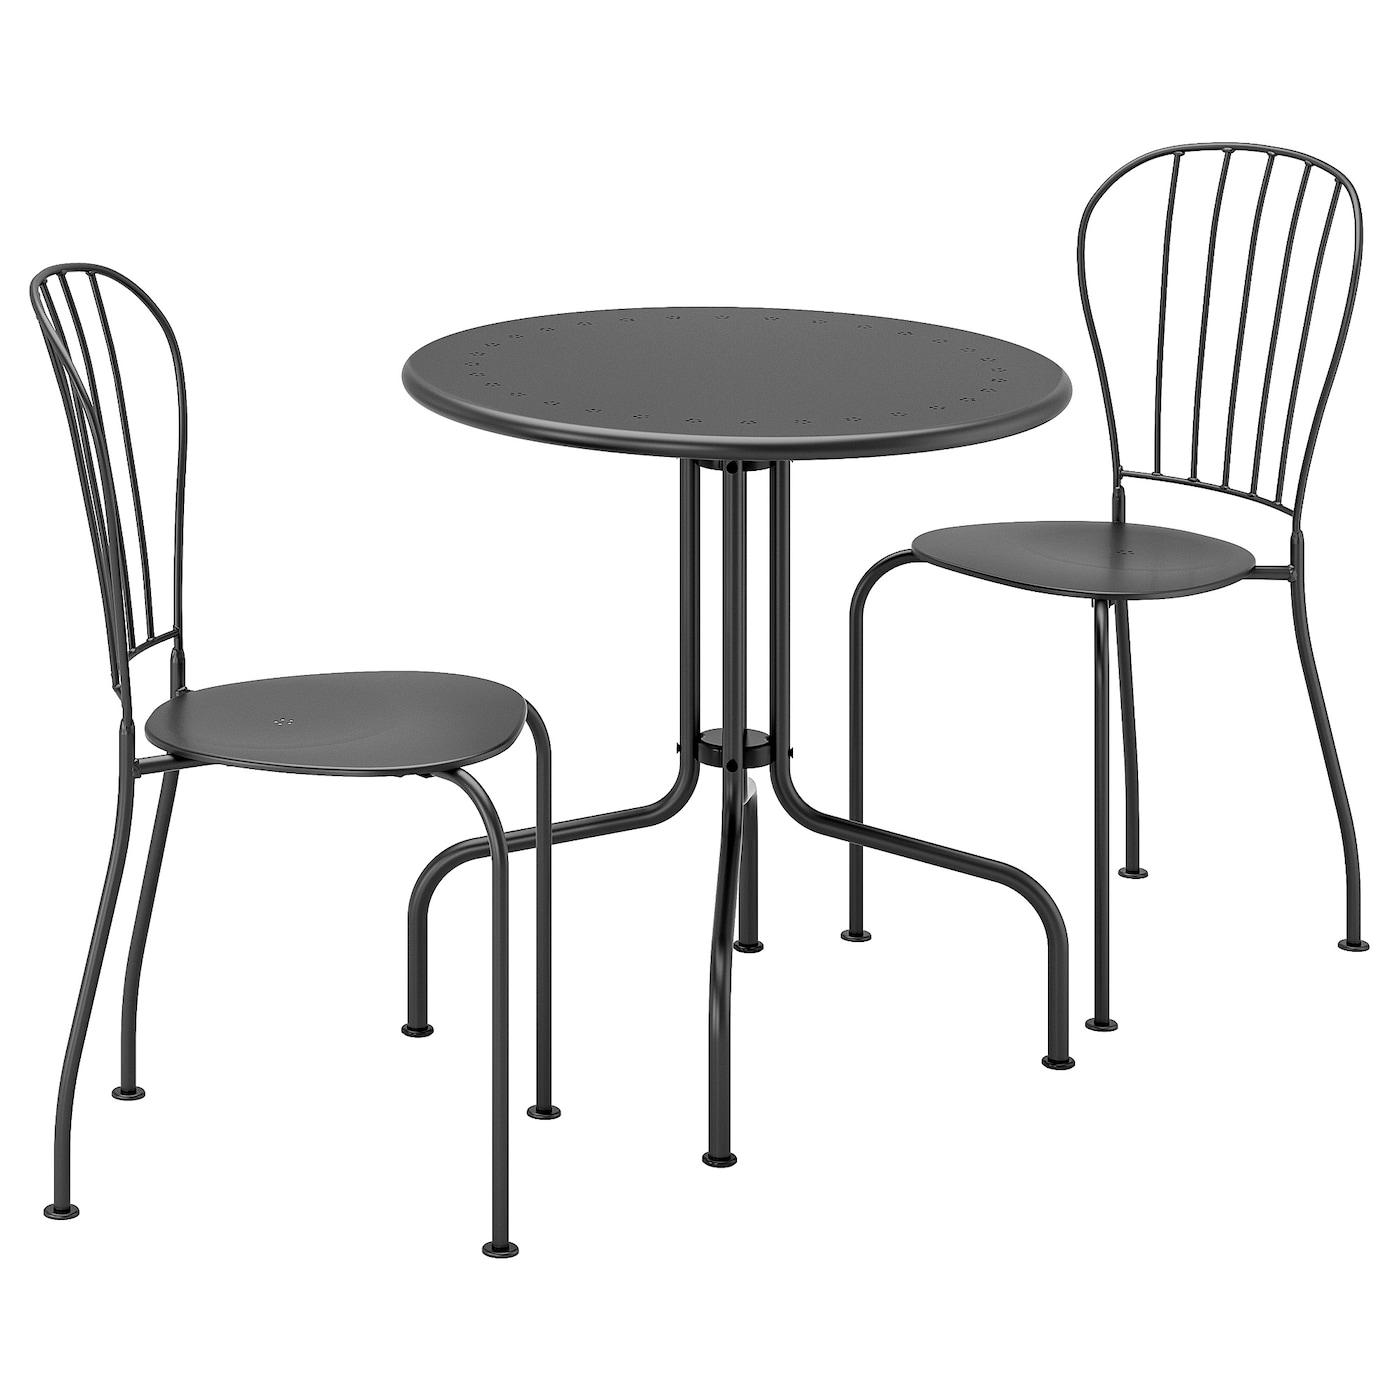 LÄckÖ Bistro Set Outdoor Gray Ikea